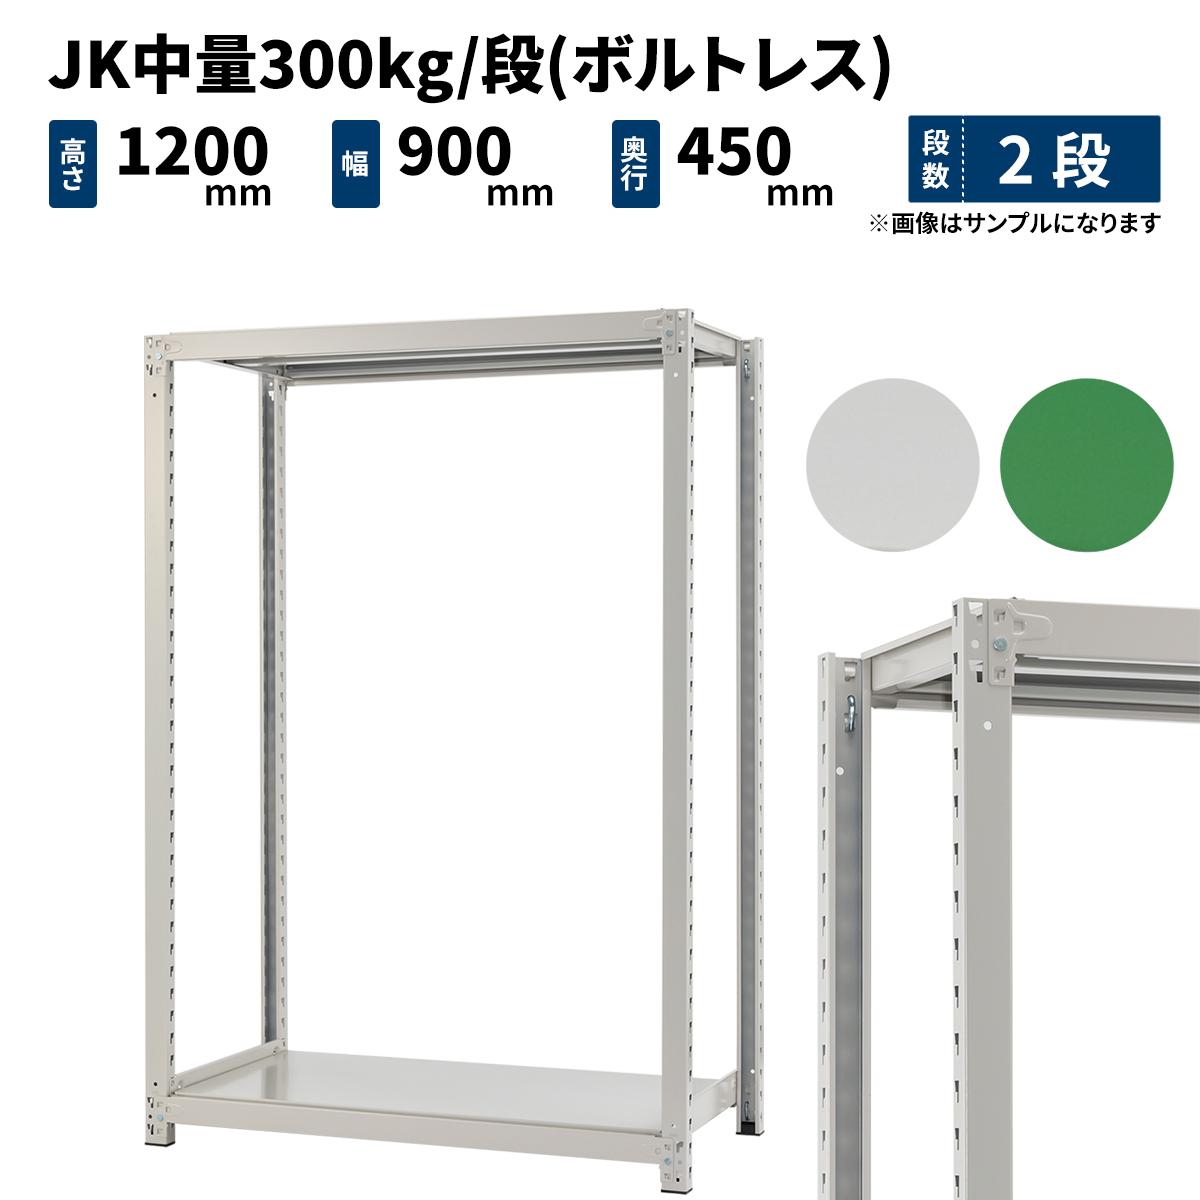 スチールラック 業務用 JK中量300kg/段(ボルトレス) 単体形式 高さ1200×幅900×奥行450mm 2段 ホワイトグレー/グリーン (28kg) JK300_T-120945-2